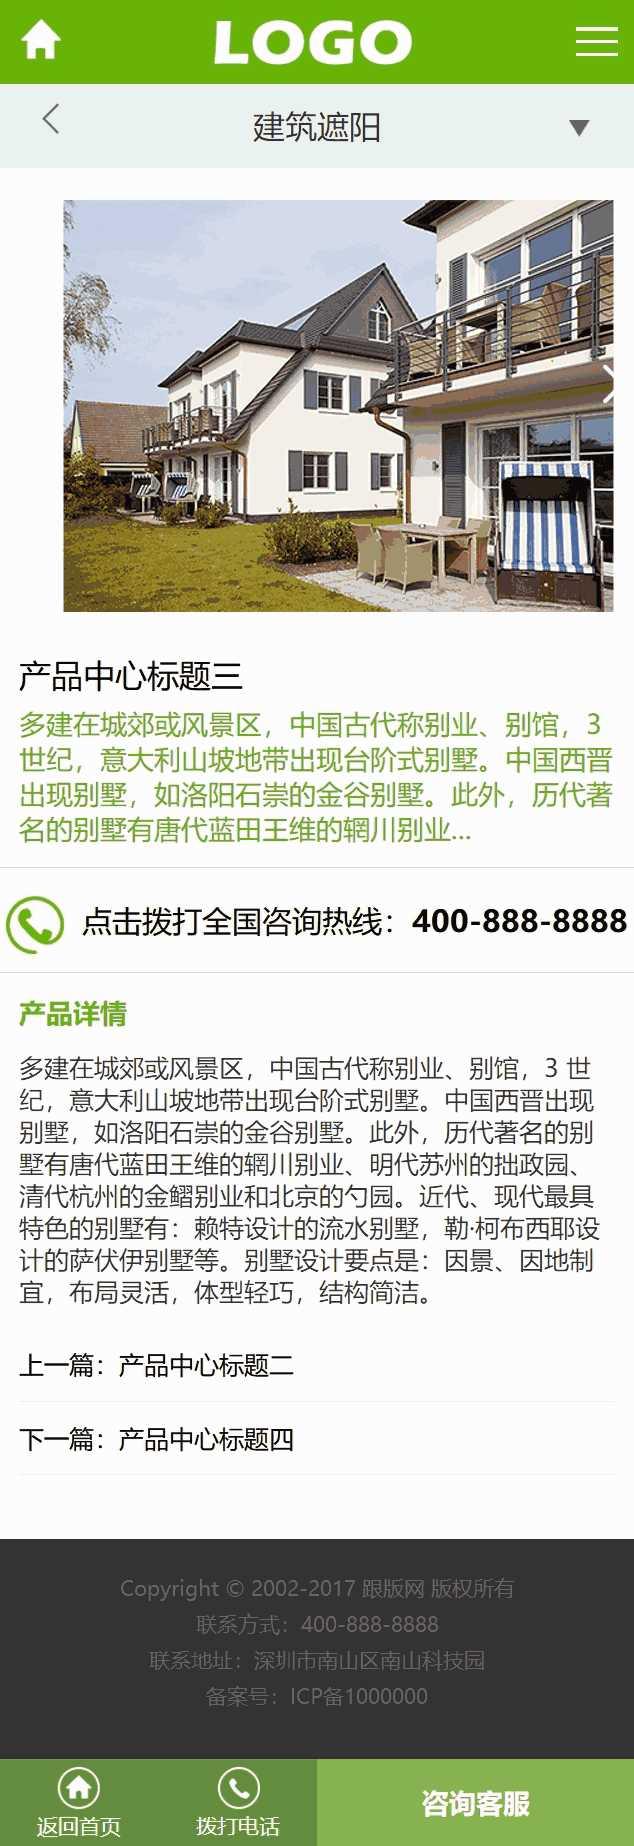 手机产品内容页